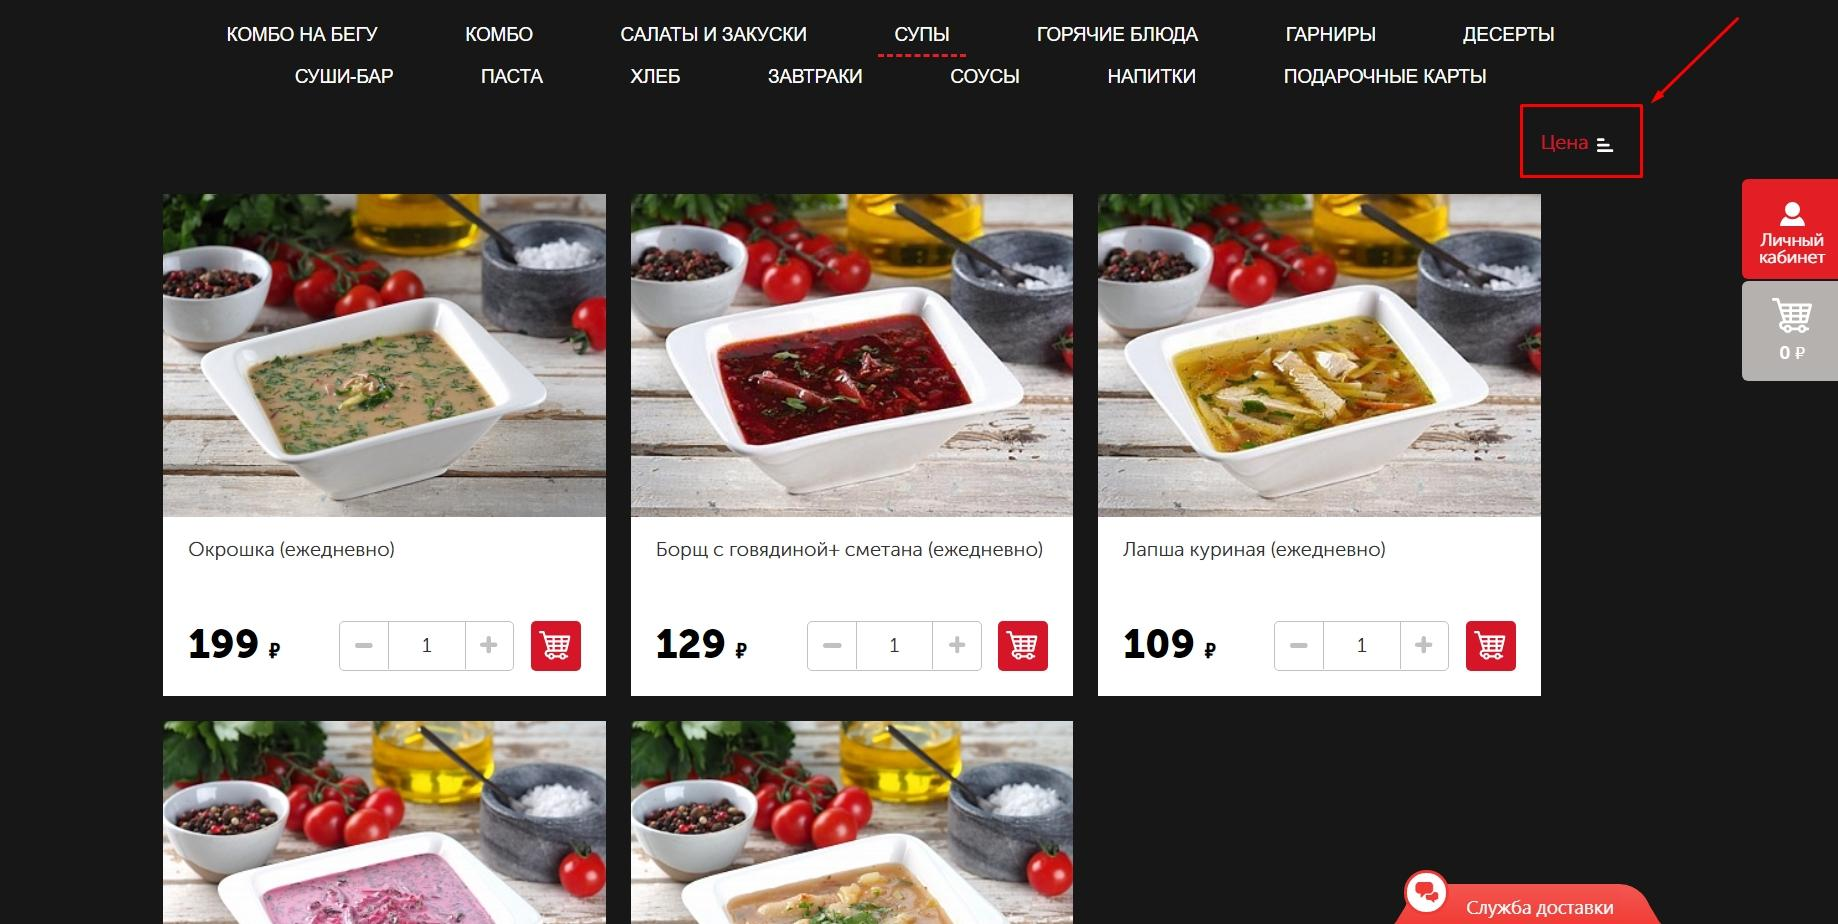 Блюда можно сортировать по цене